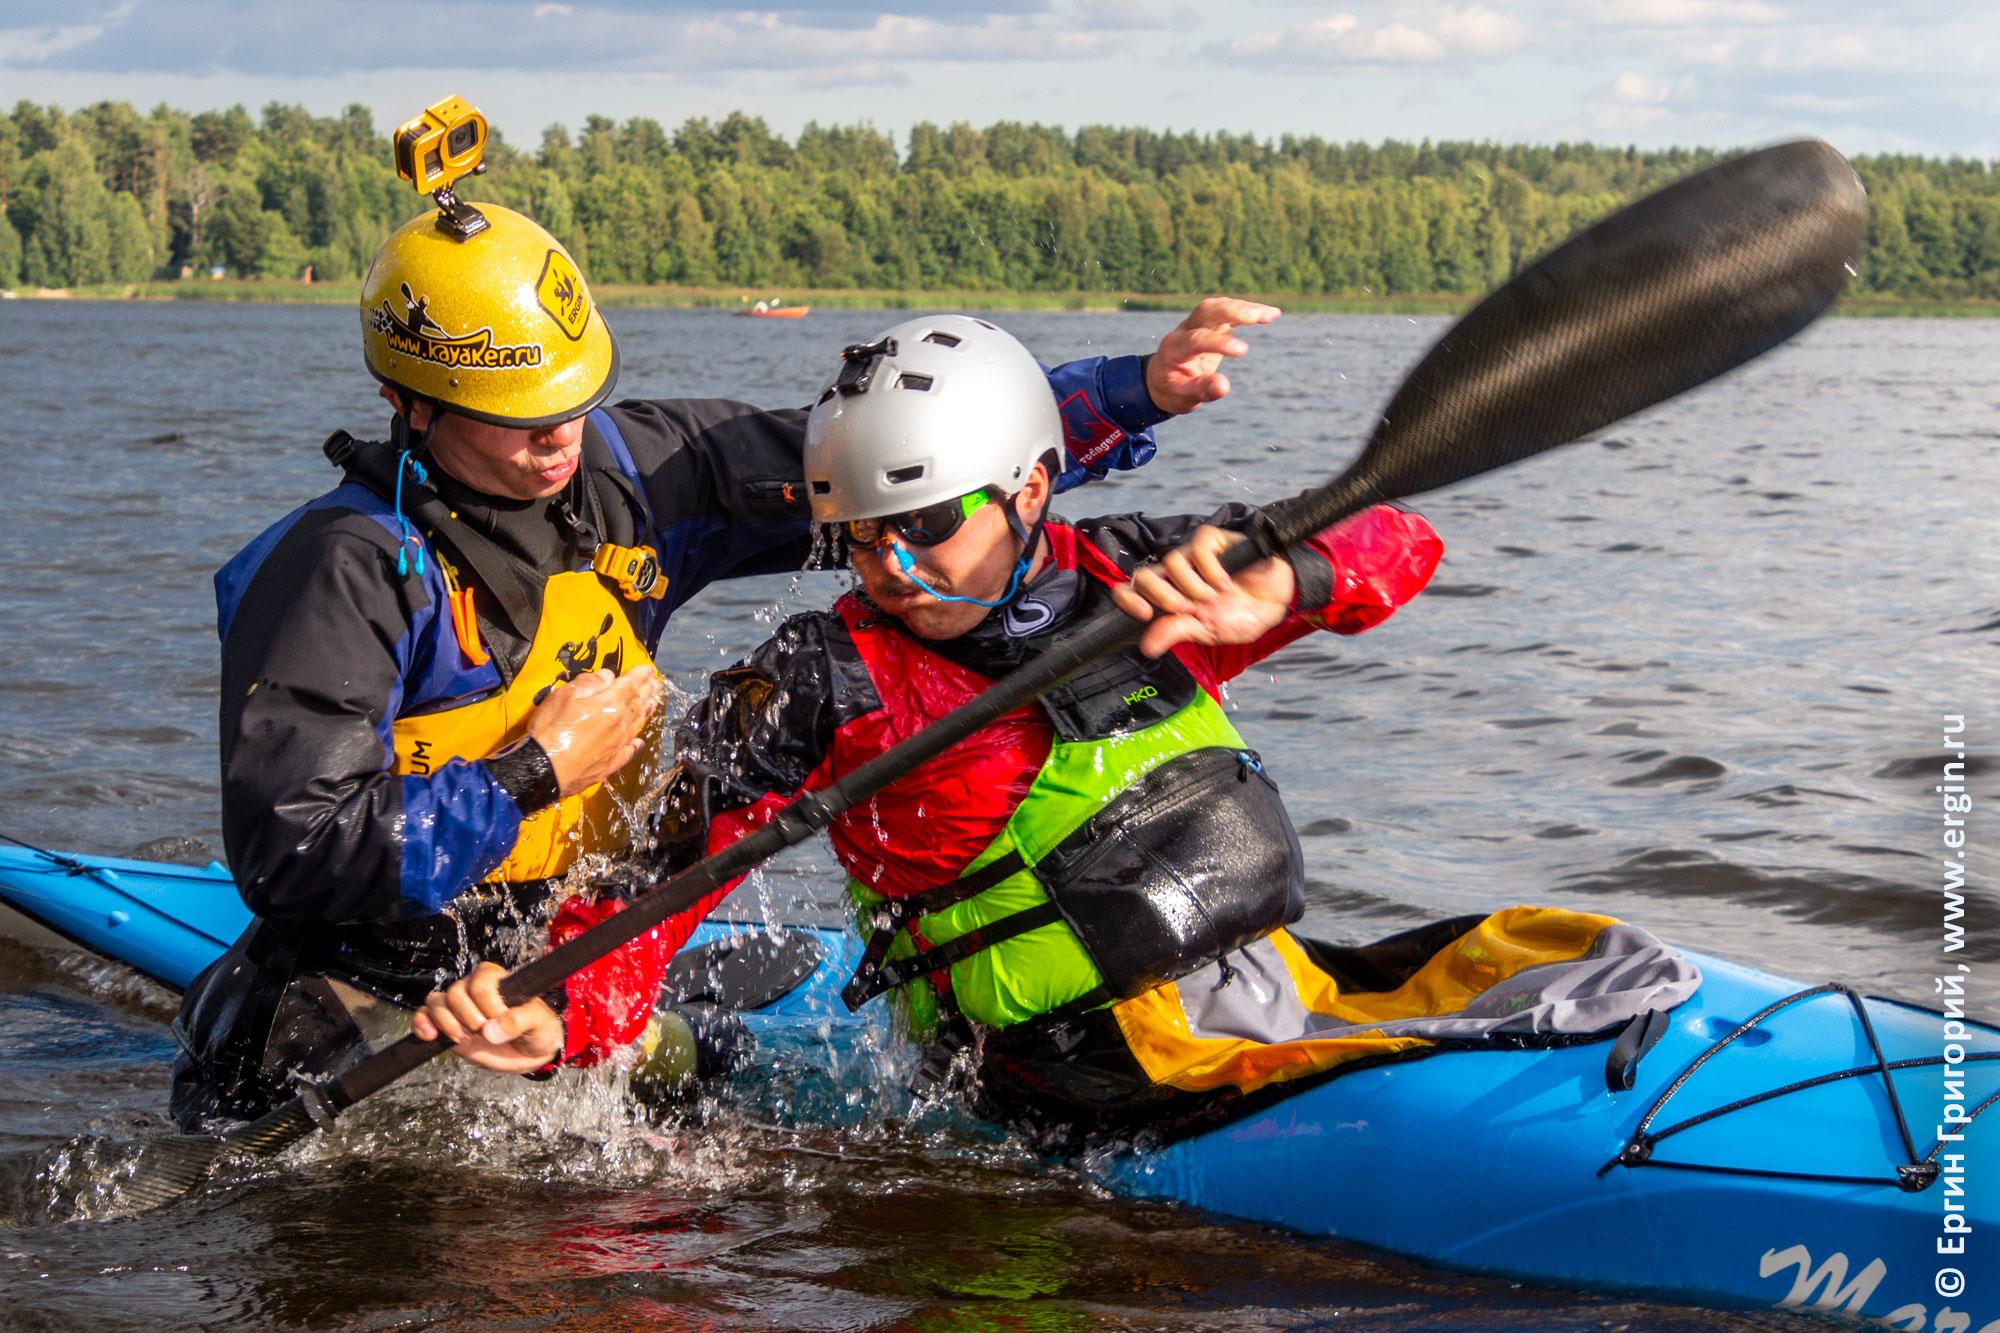 Обучение эскимосскому перевороту на морском каяке для марафонов